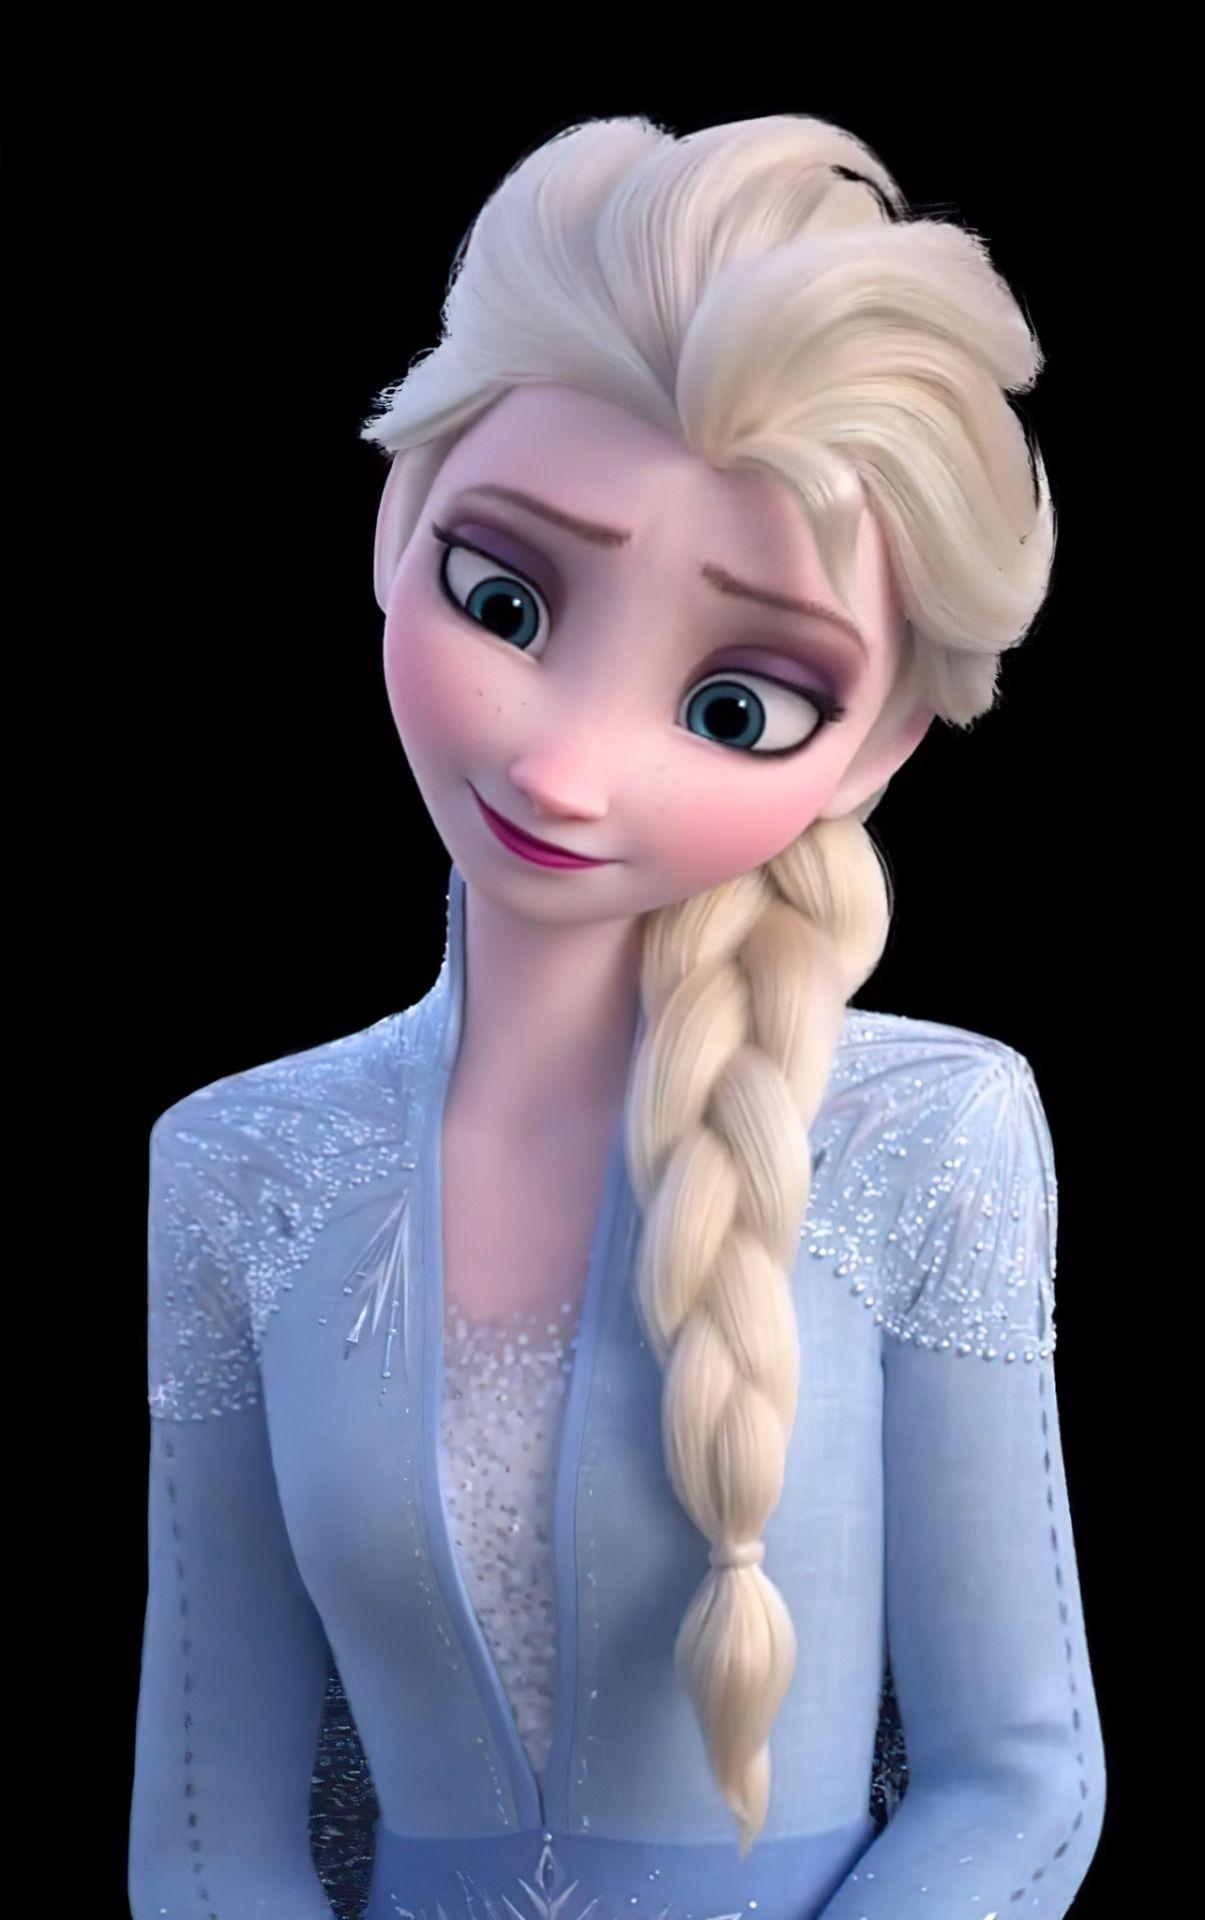 Let It Go Let It Gooooo In 2020 Disney Frozen Elsa Art Disney Princess Pictures Disney Princess Elsa